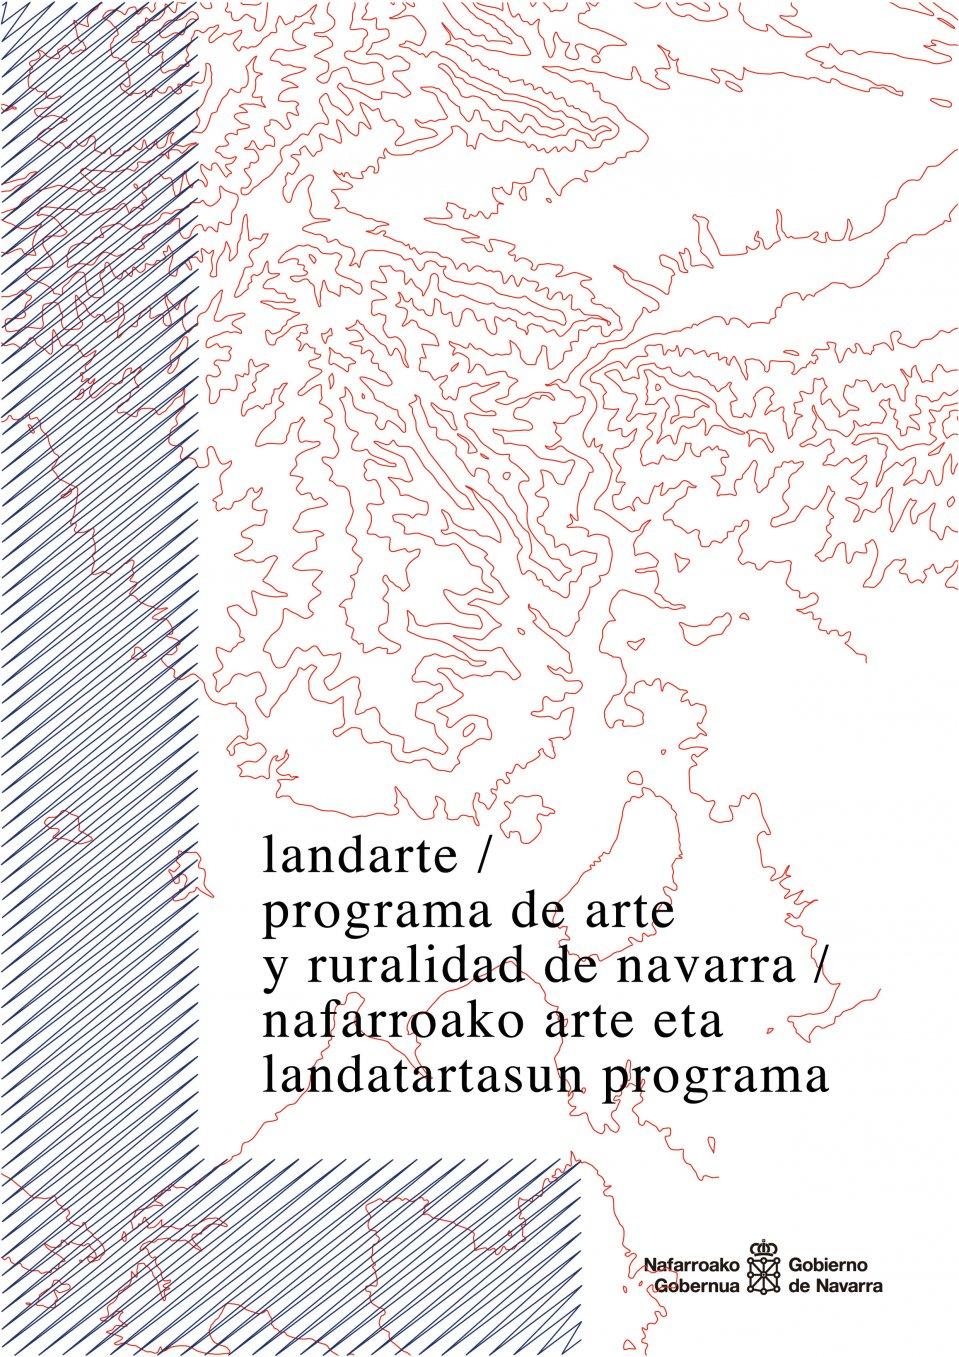 ARENA COMUNICACION participa en el programa LANDARTE